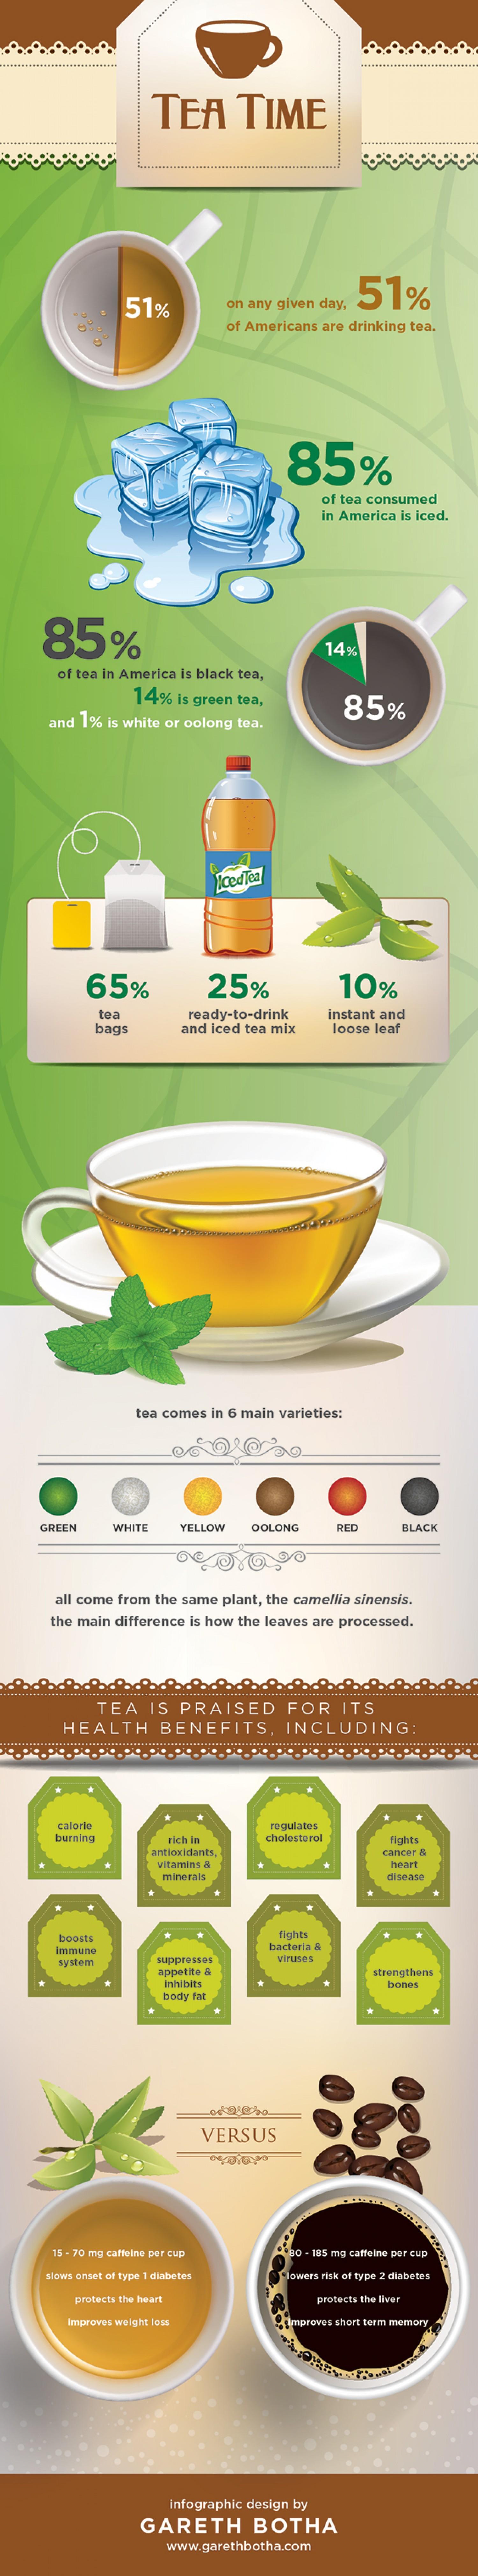 5. Tea Time